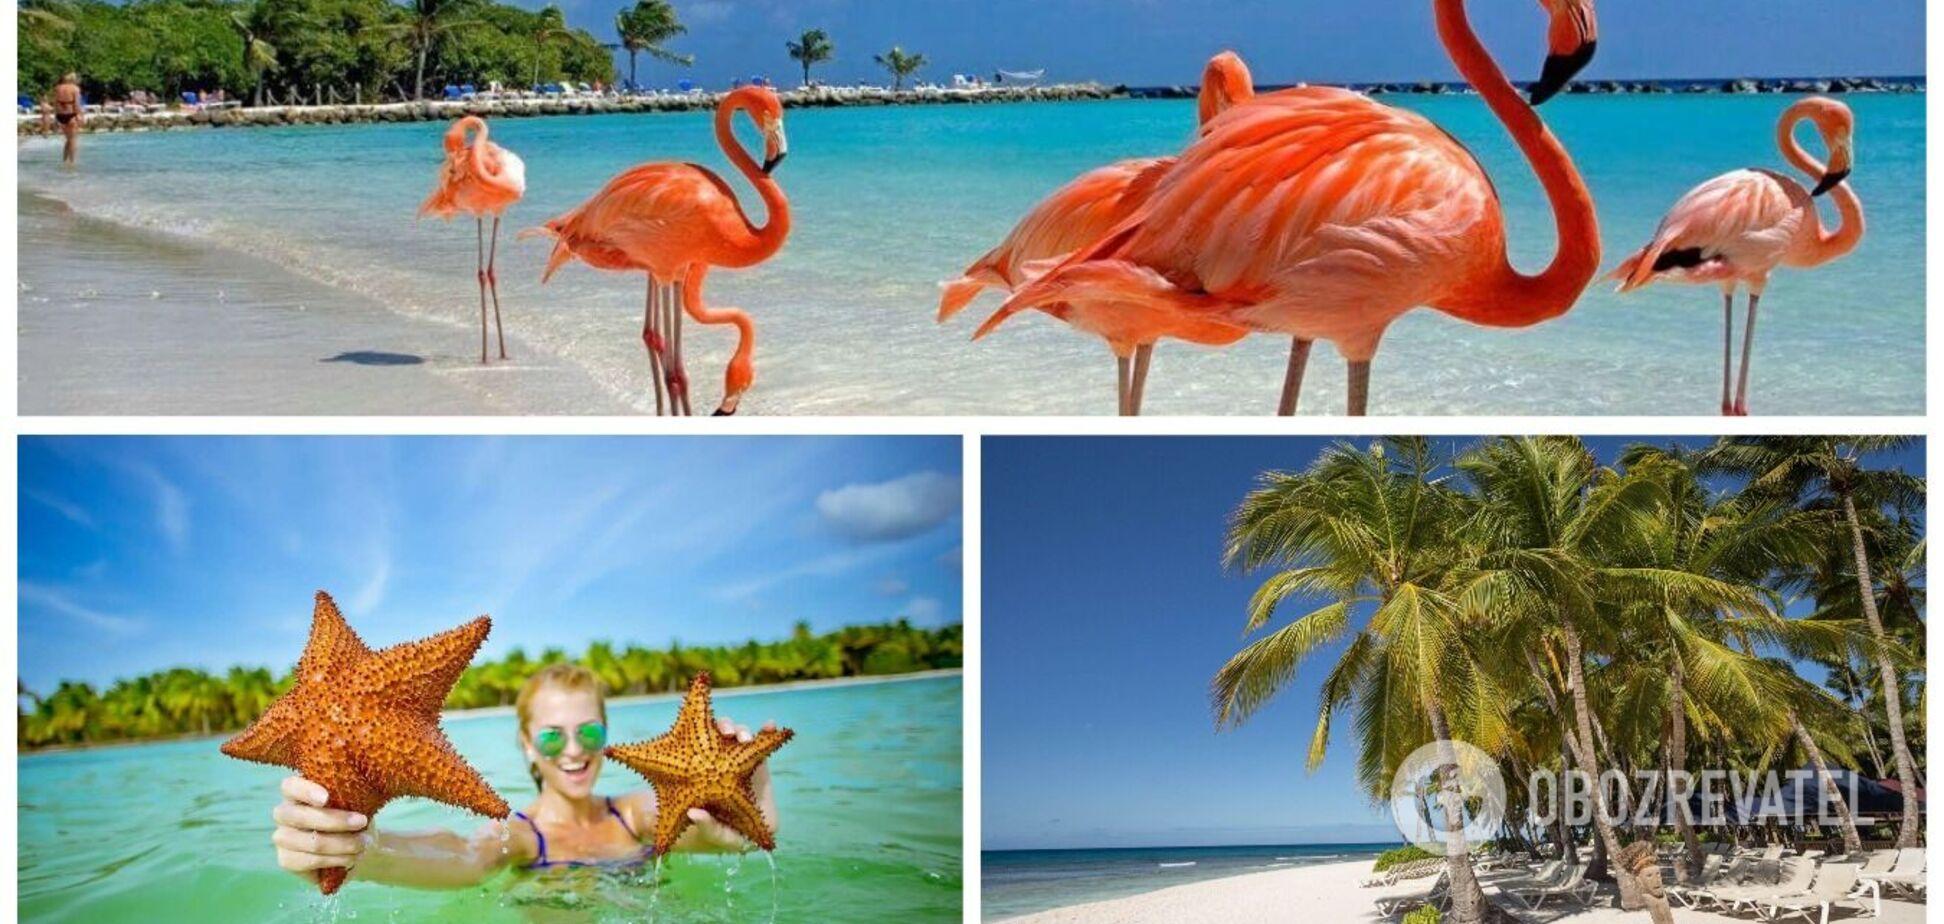 Відпустка в Домінікані: як бюджетно відпочити на зірковому курорті